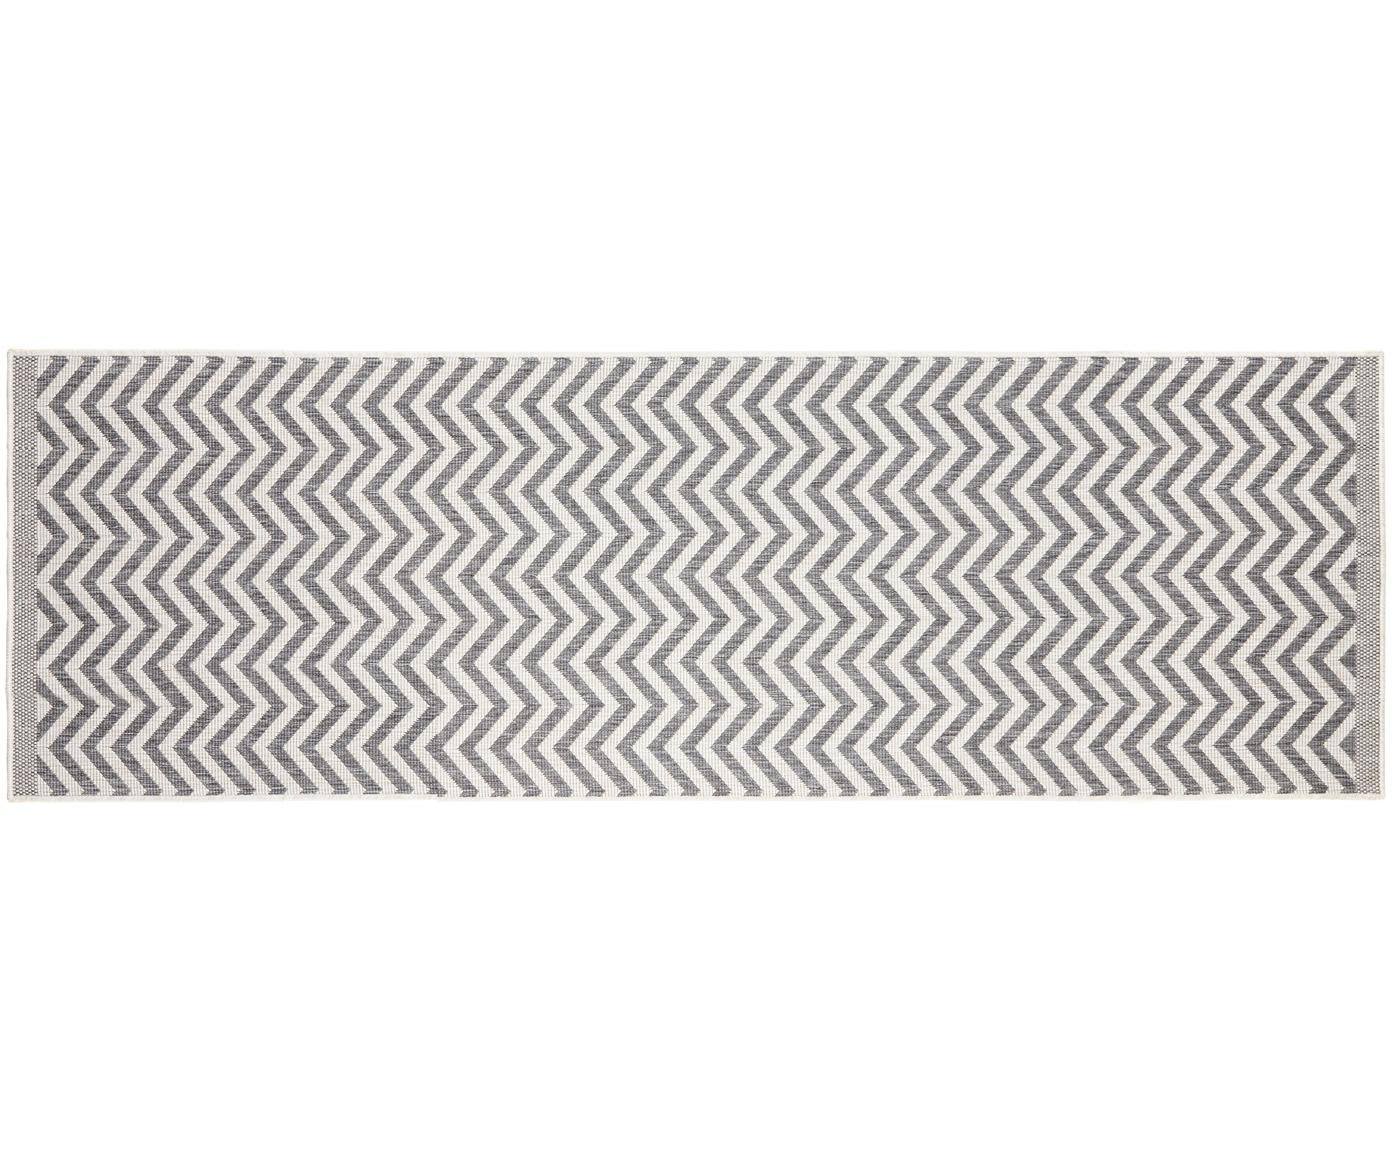 Dwustronny chodnik wewnętrzny/zewnętrzny Palma, Szary, kremowy, S 80 x D 250 cm